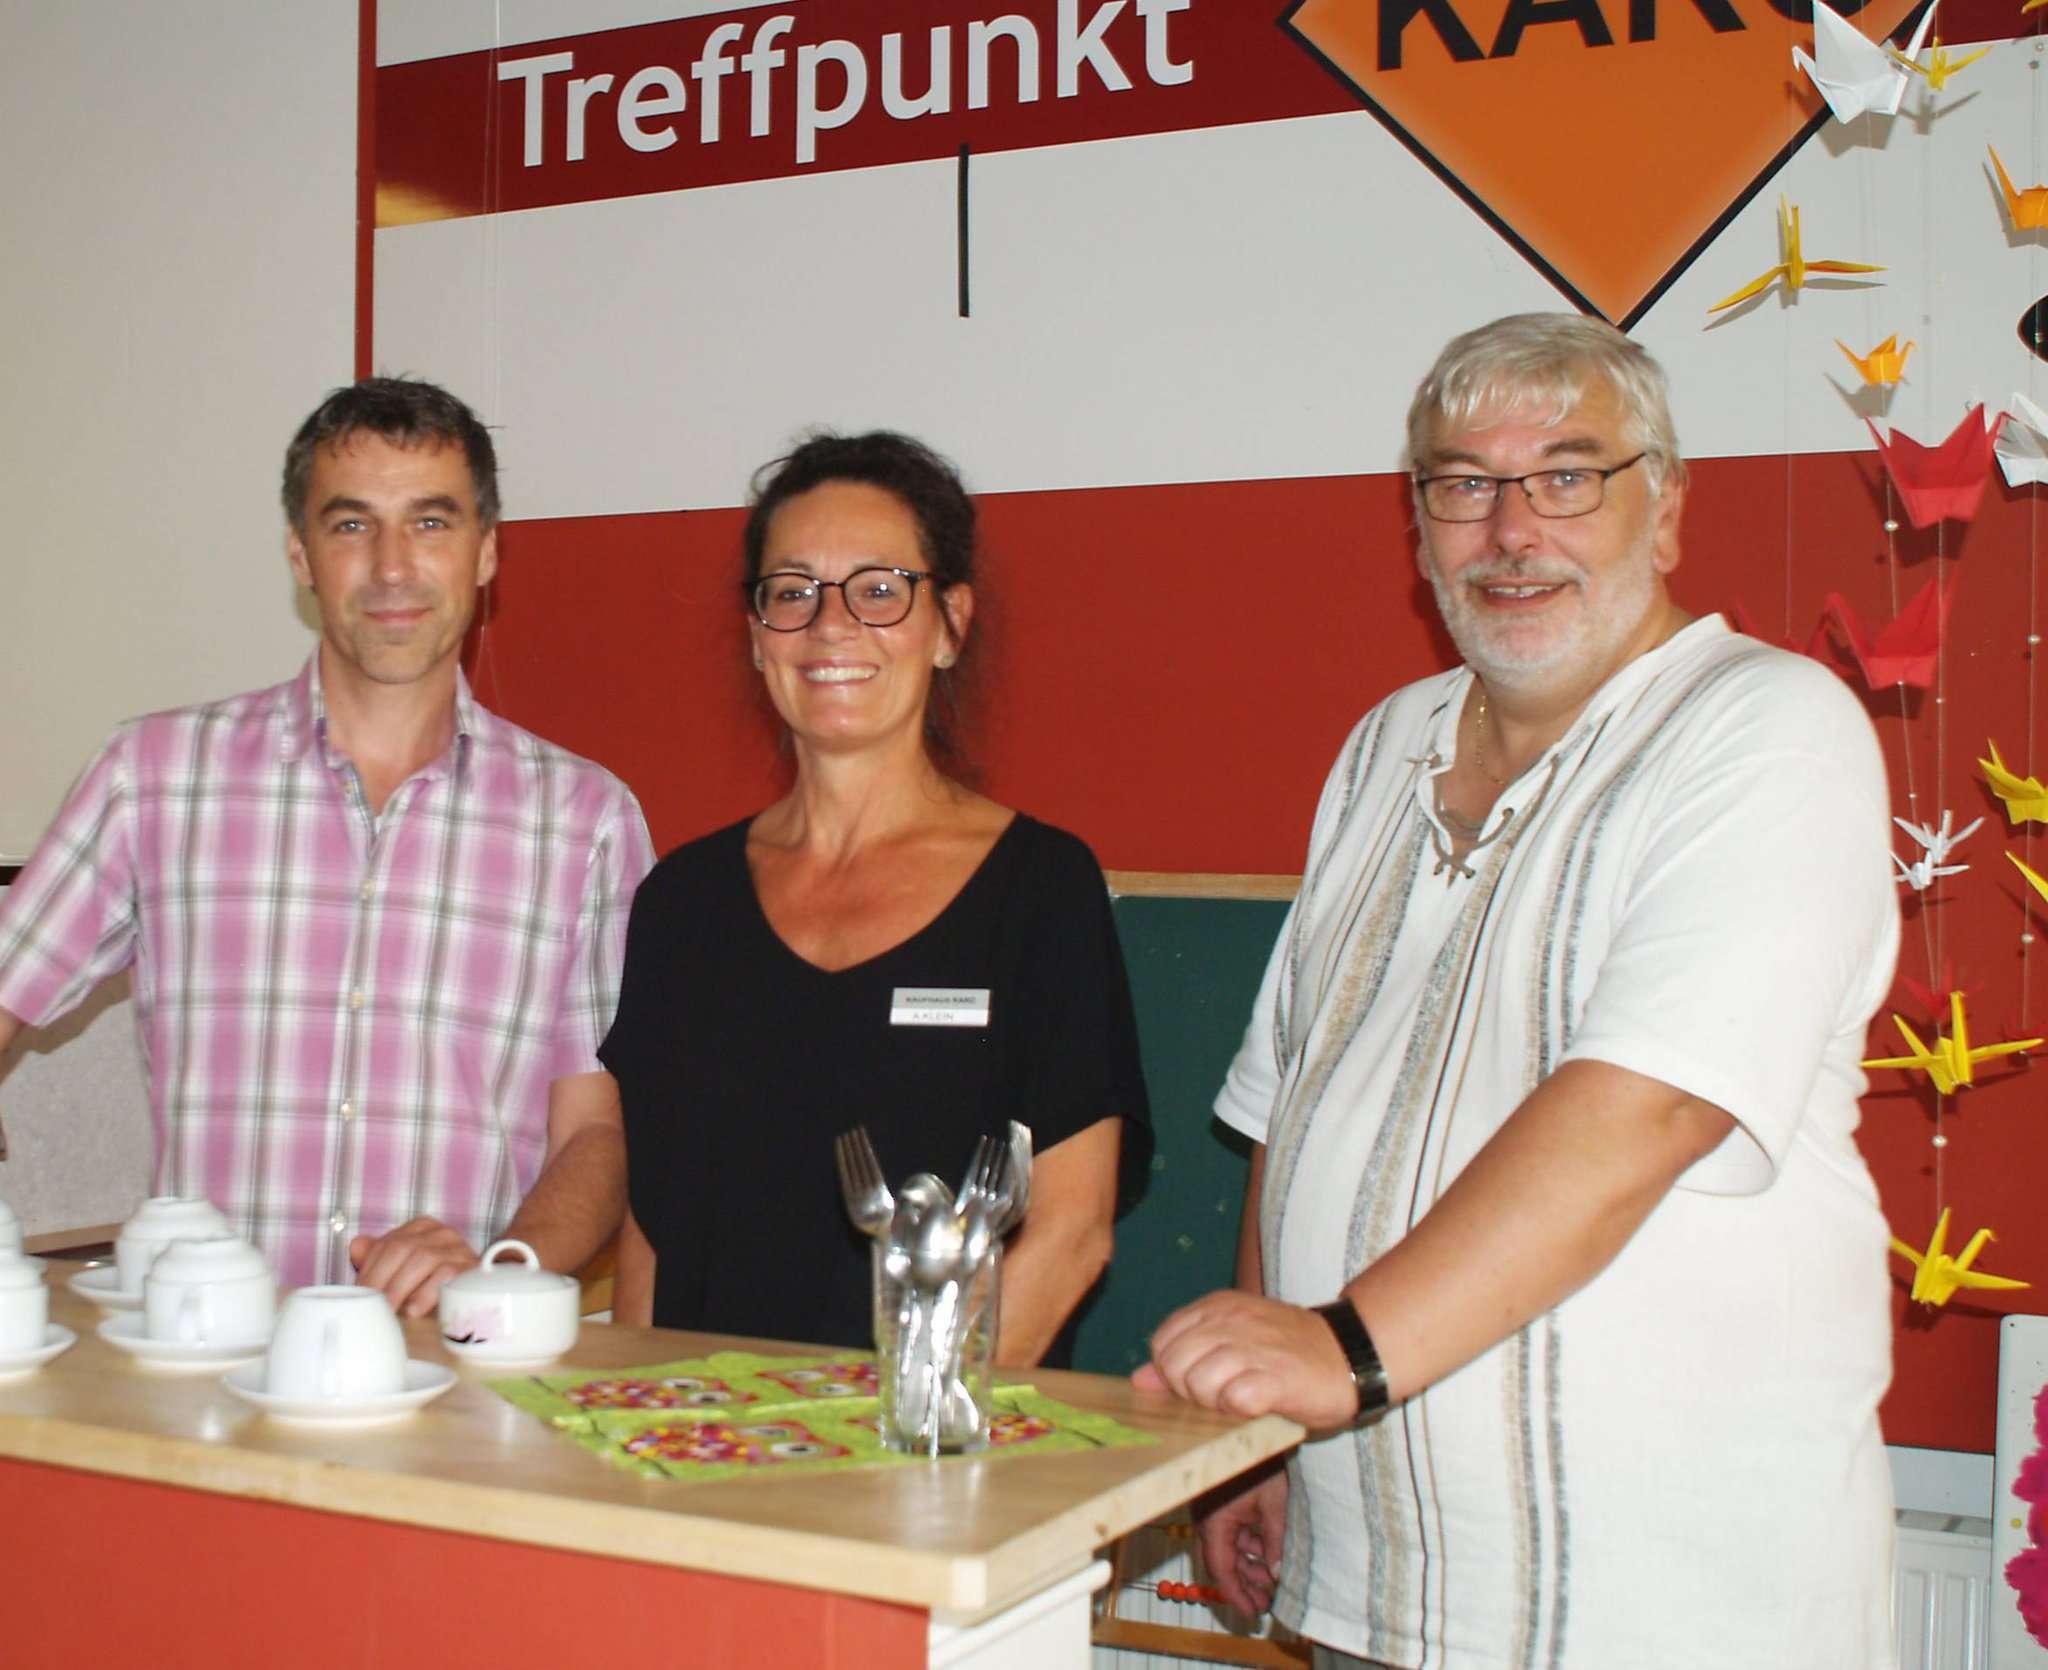 Björn Harms (von links), Annette Klein und Joachim Poeck laden zur Festwoche ein.